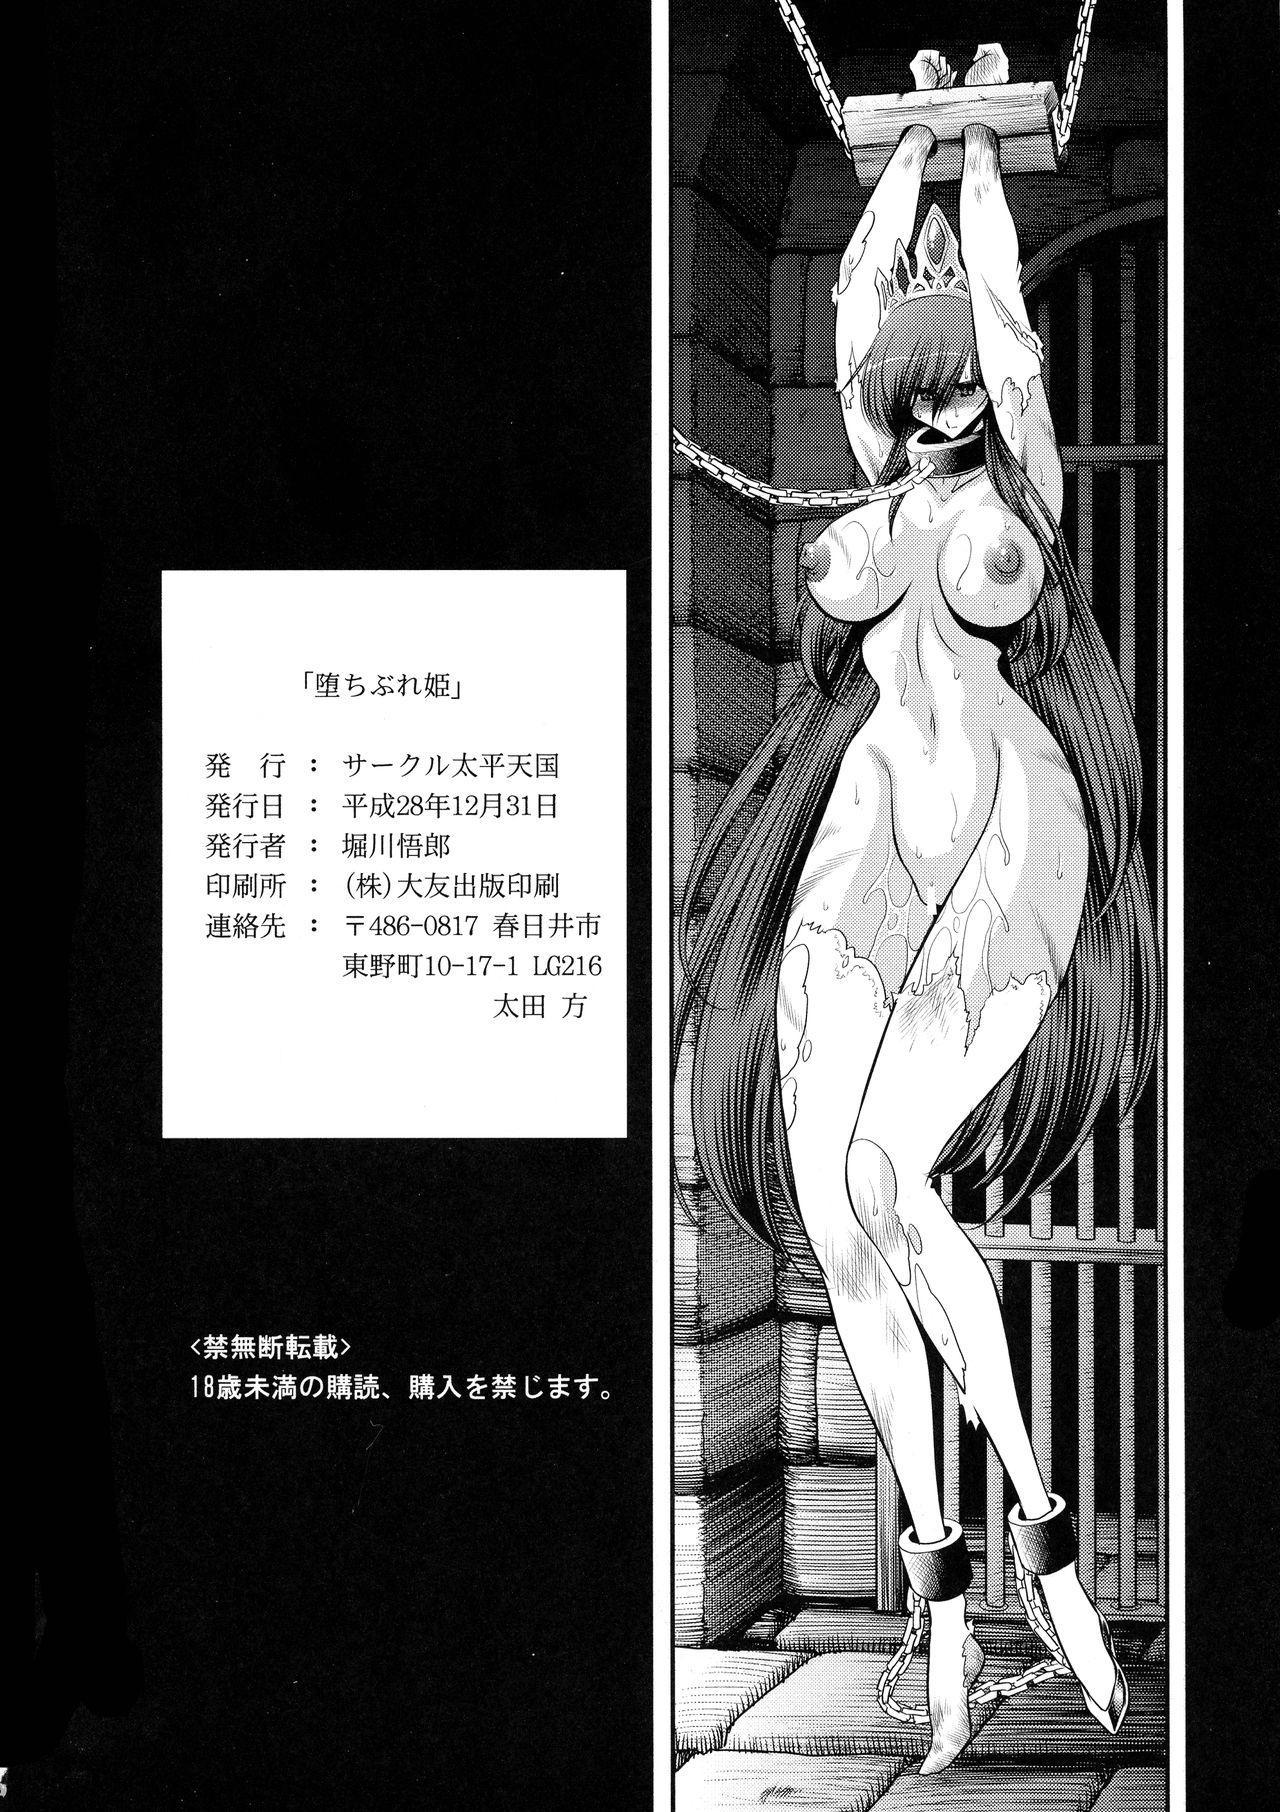 Ochibure Hime Joukan 60